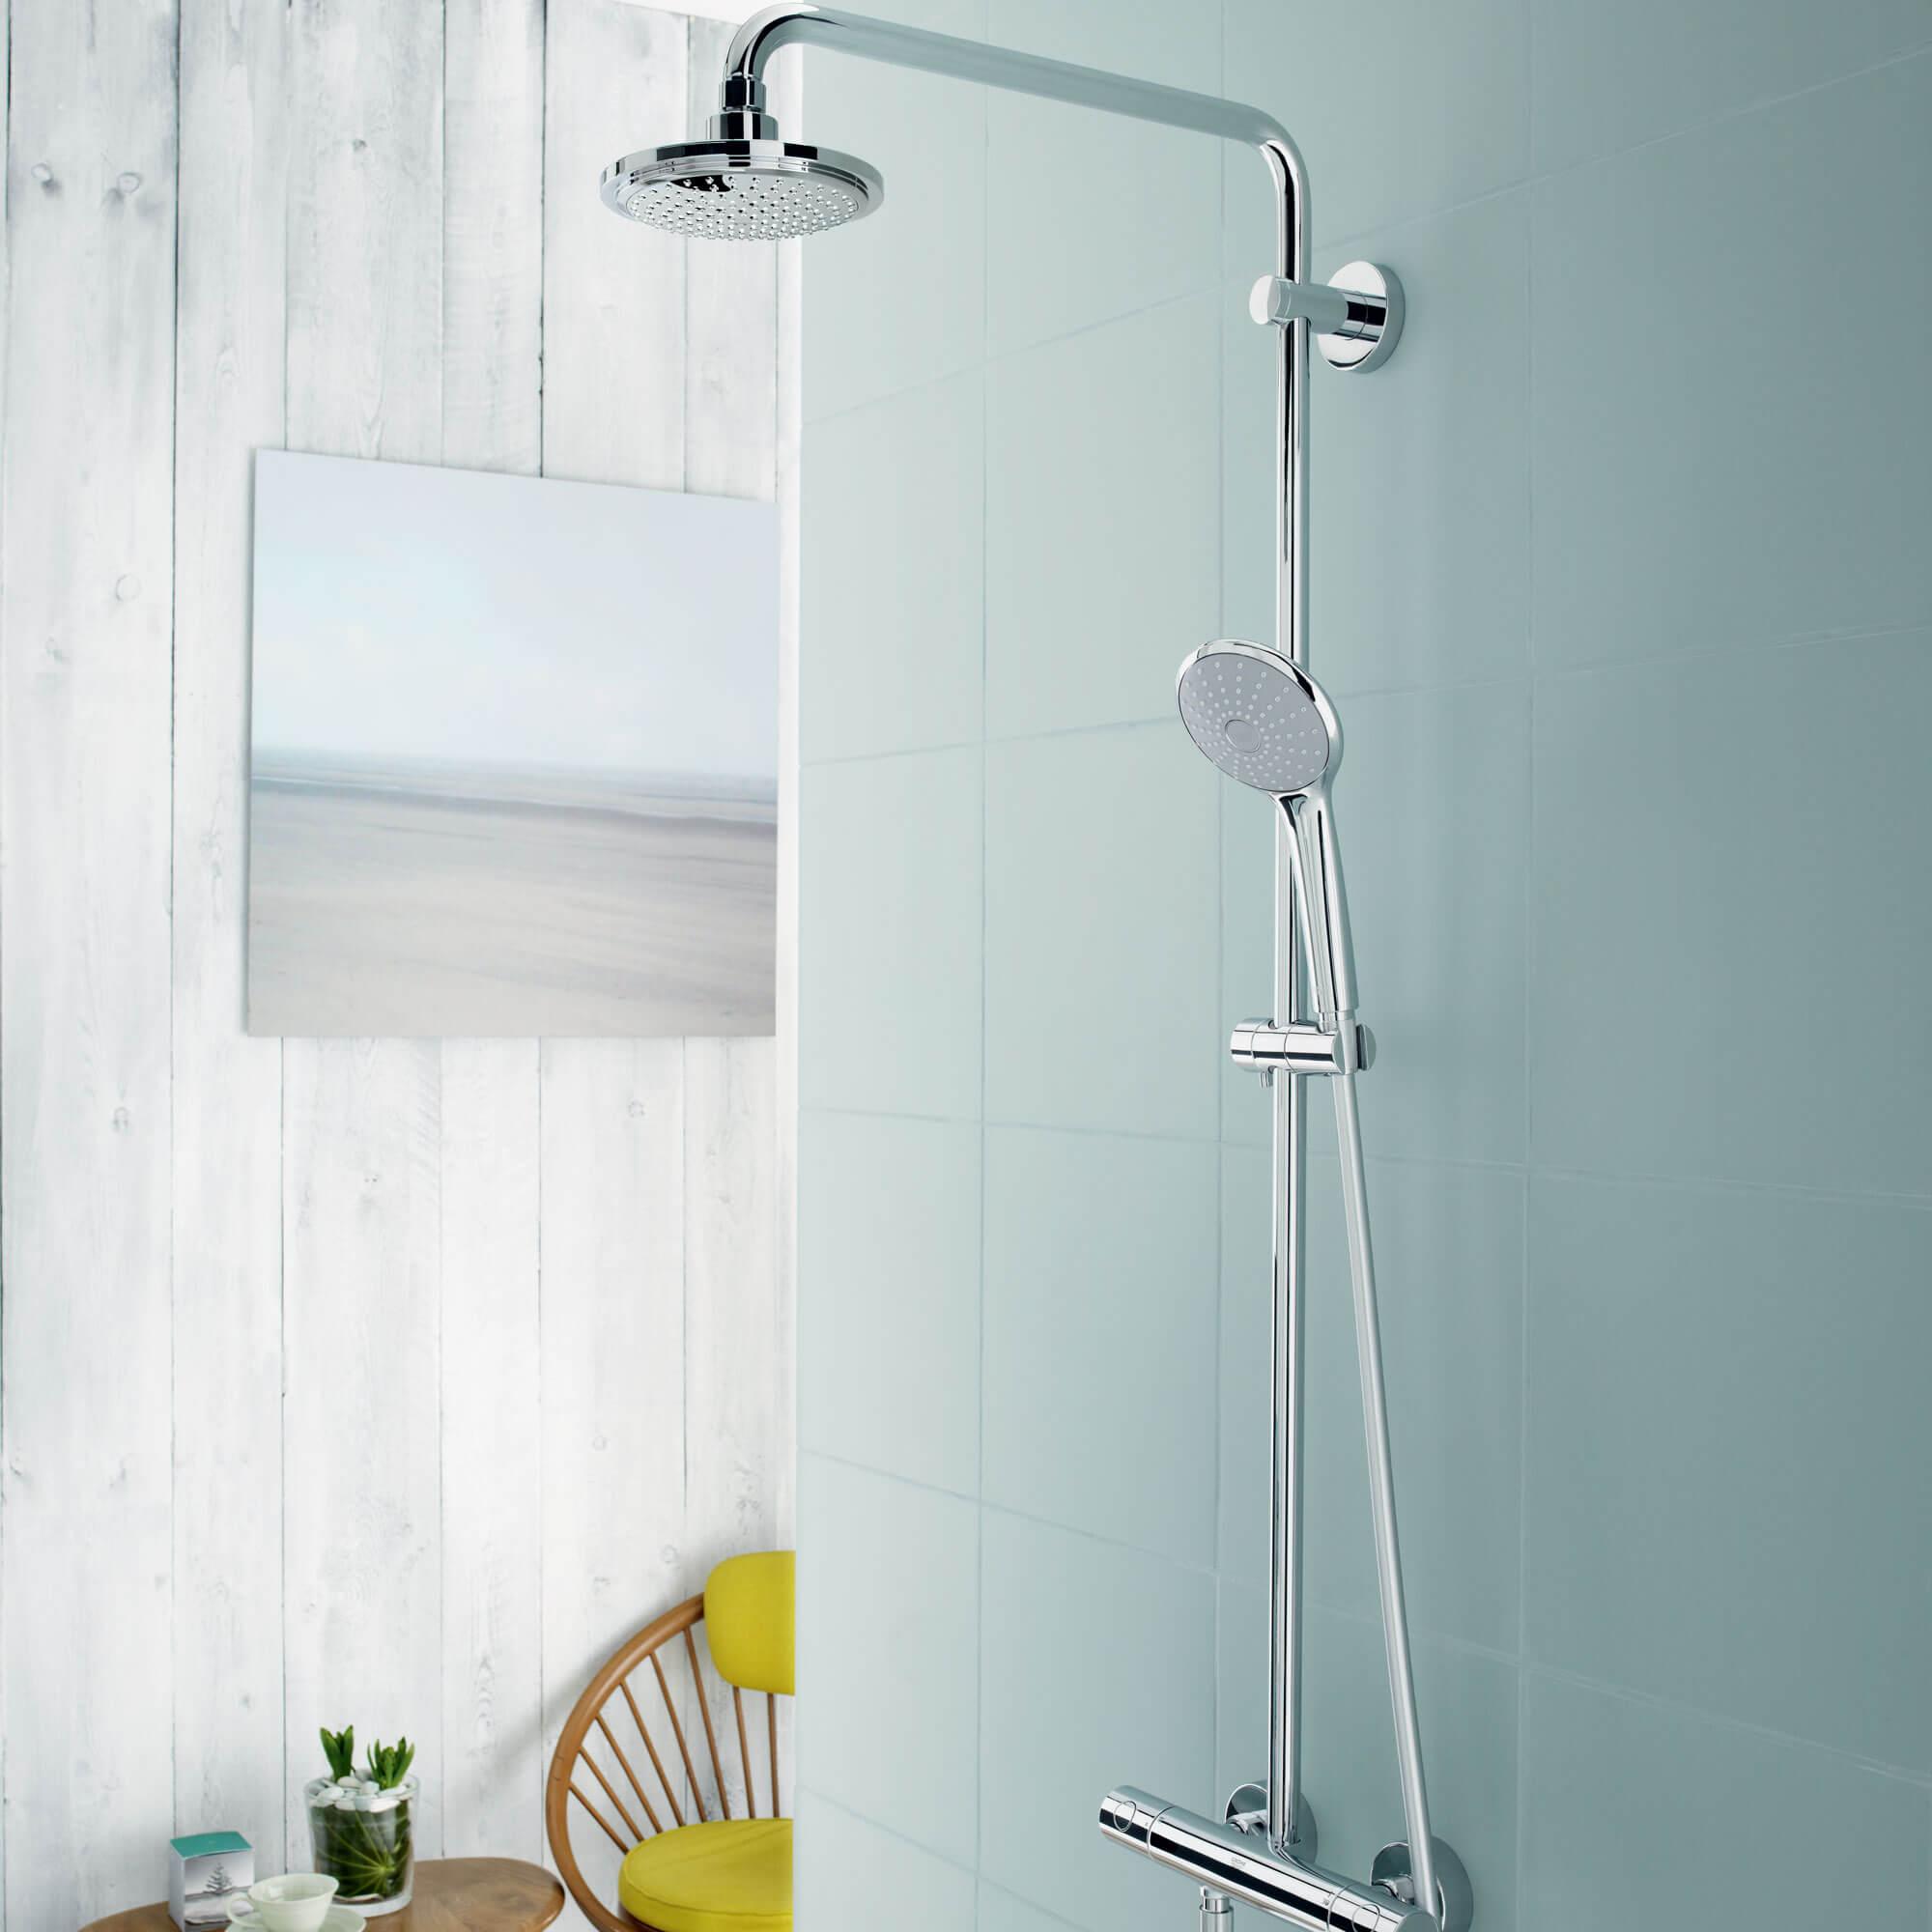 Image du système de douche Euphoria à fond bleu.